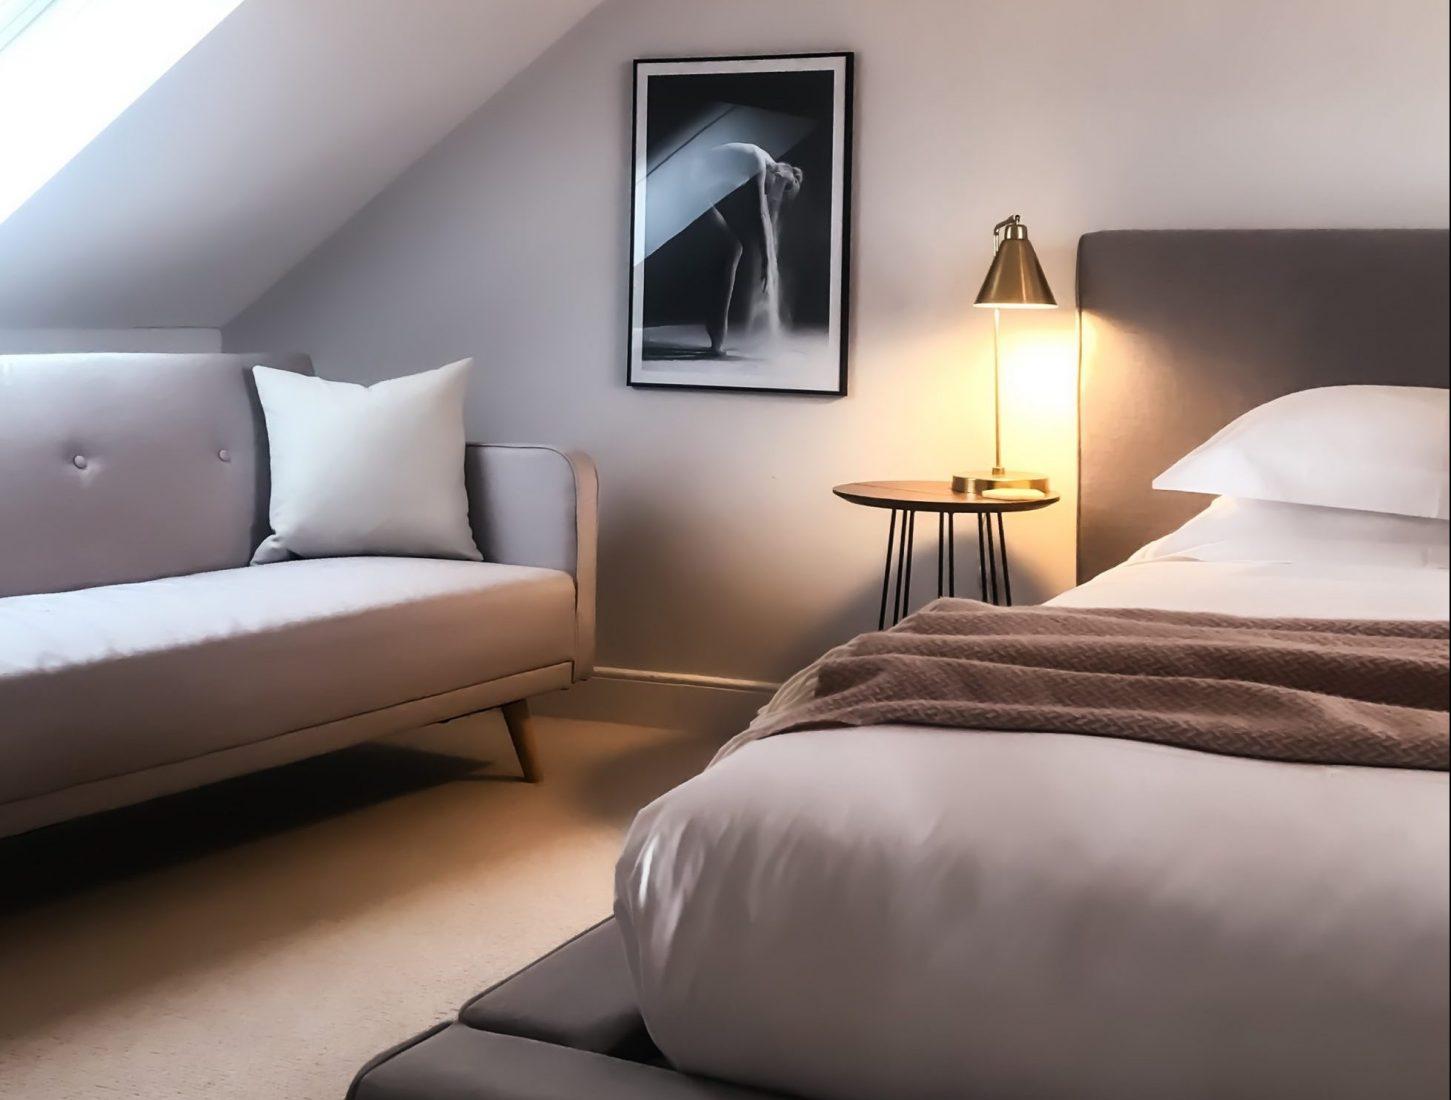 Elementi d'arredo per la camera da letto matrimoniale moderna